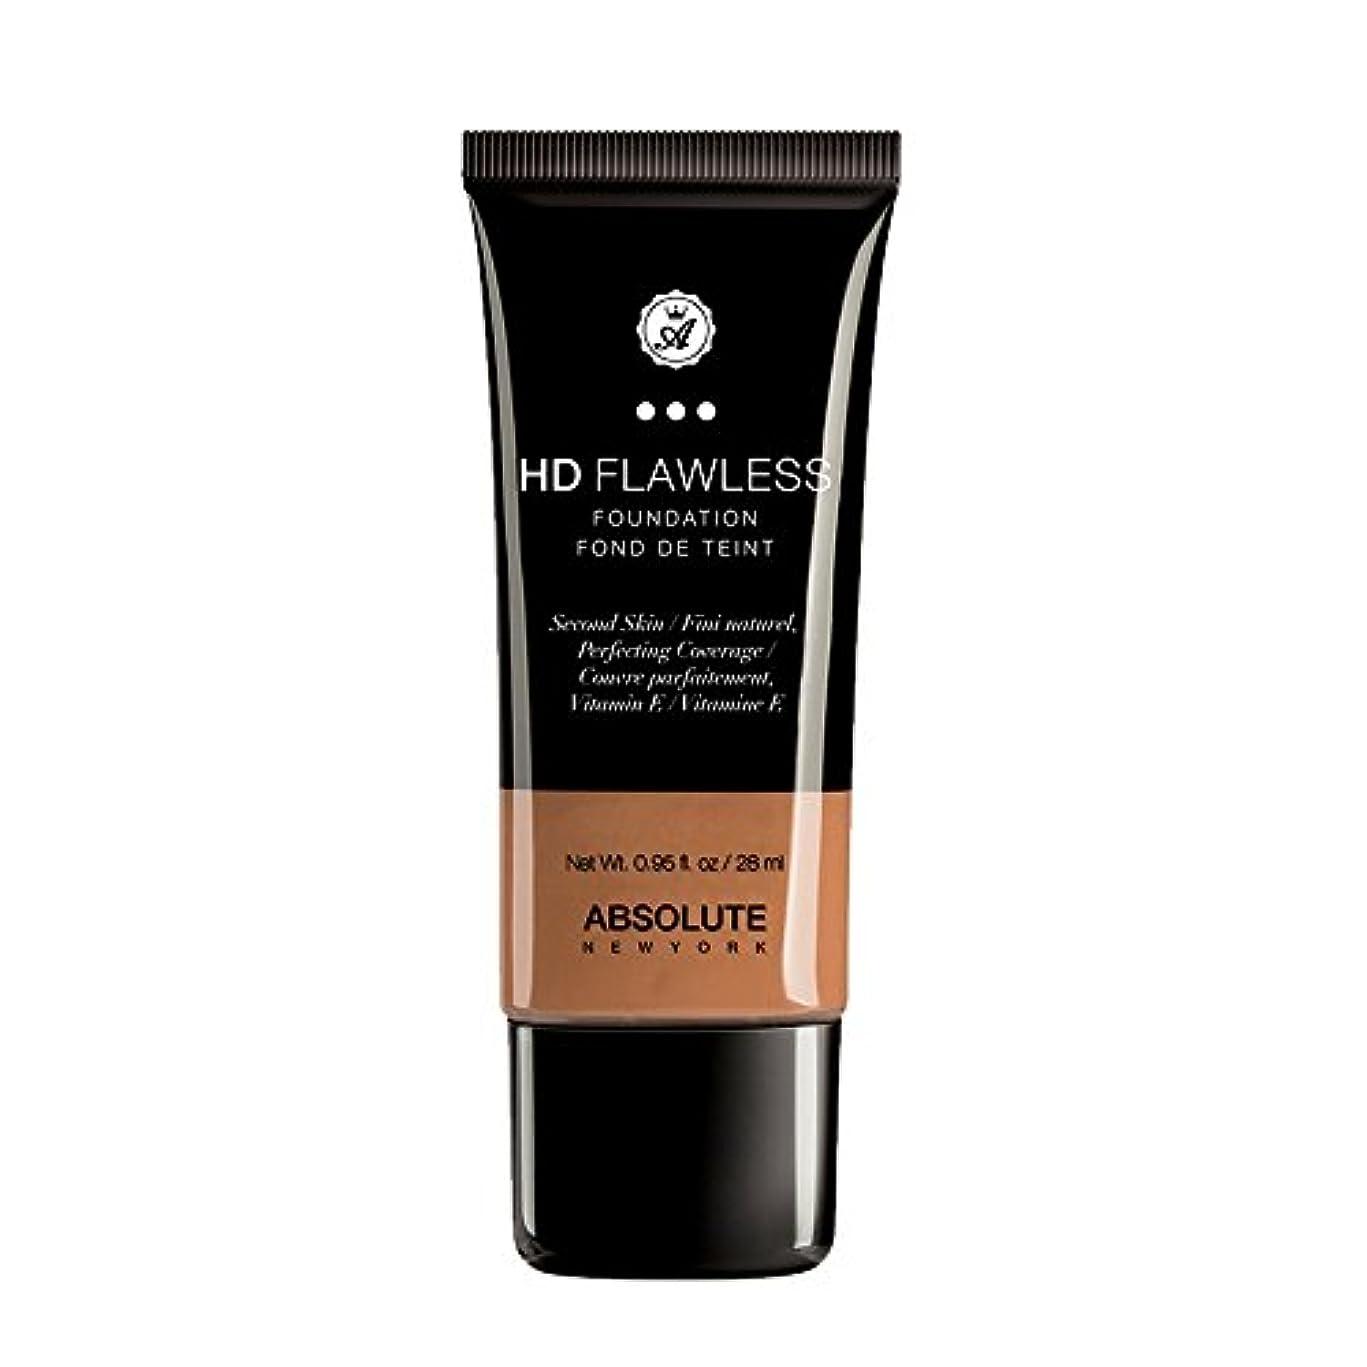 トライアスロンヒゲ自宅で(3 Pack) ABSOLUTE HD Flawless Fluid Foundation - Almond (並行輸入品)